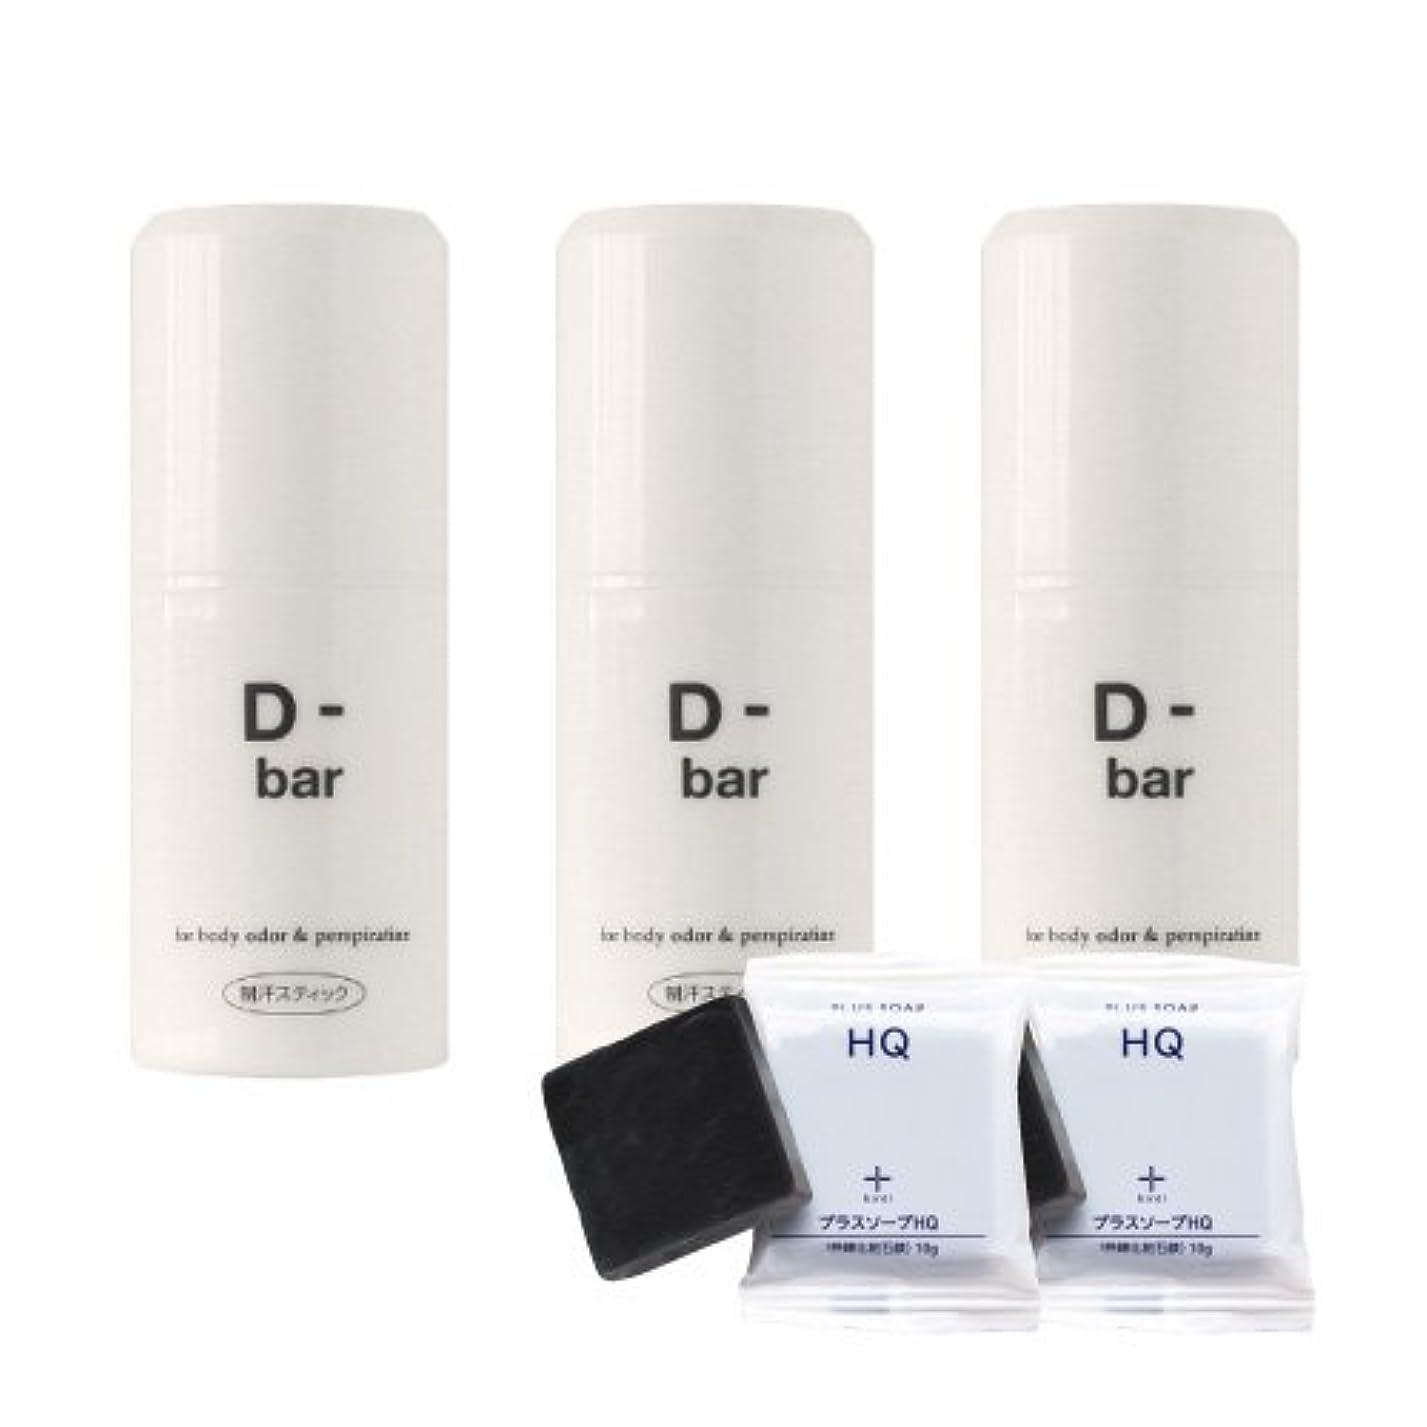 立法で不快D-bar(ディーバー) 15g 3本 + プラスソープHQミニ 2個